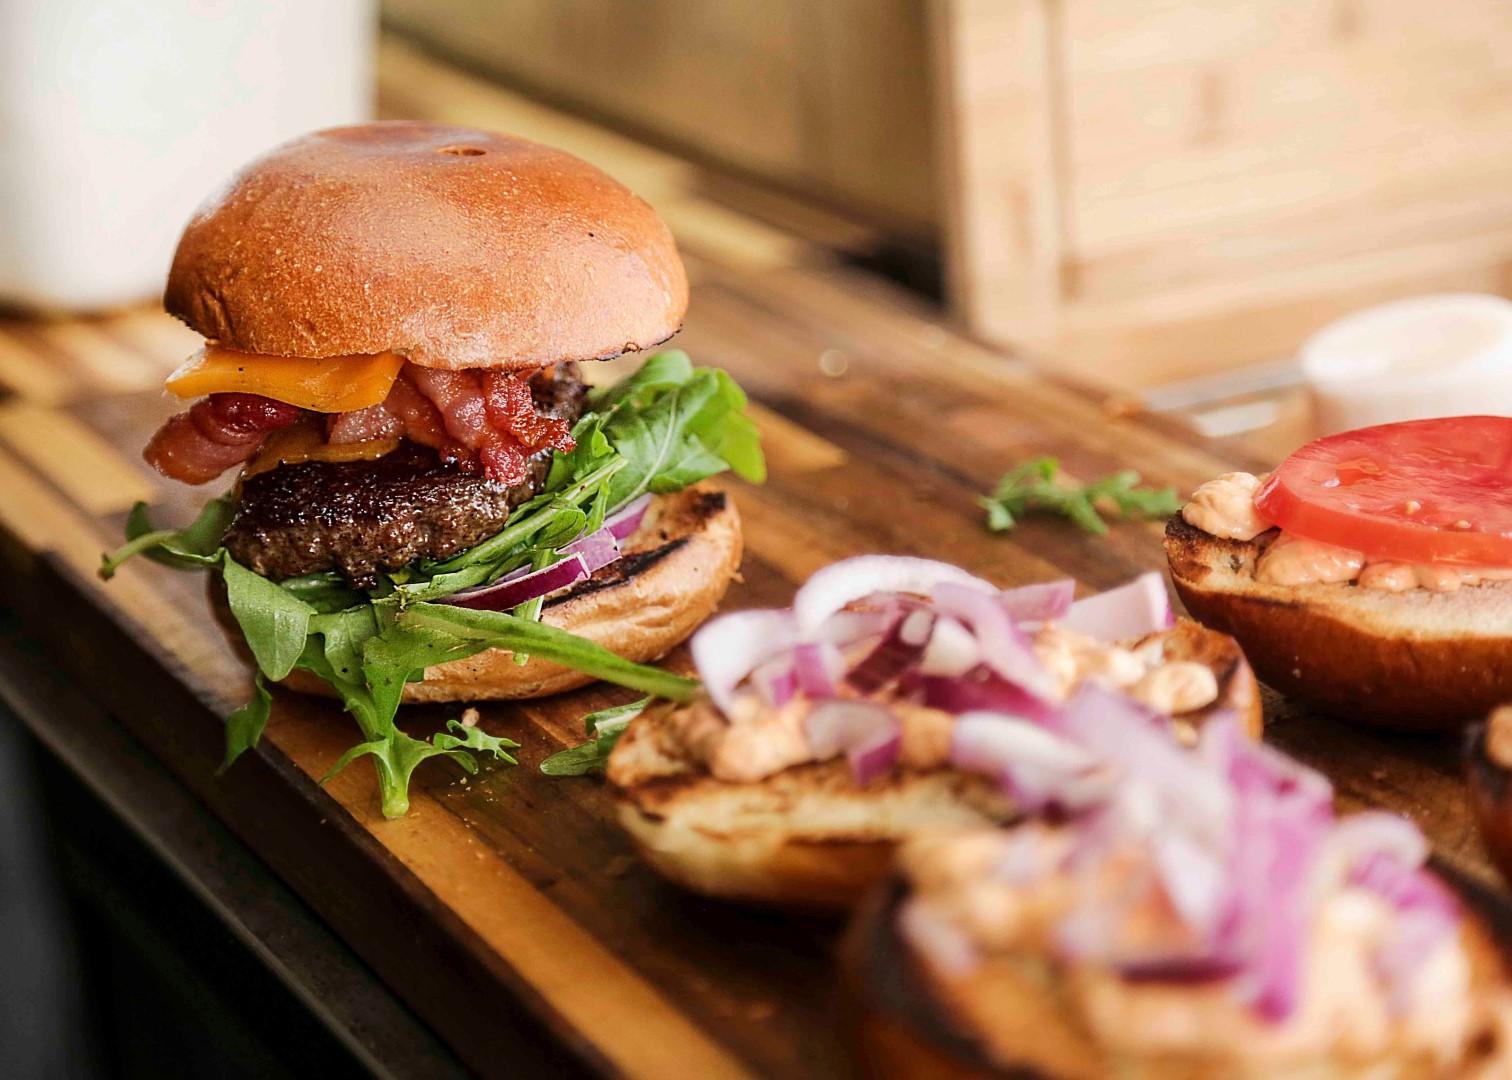 Beste Fast Food Ziel Fortsetzen Fotos - Beispiel Business Lebenslauf ...